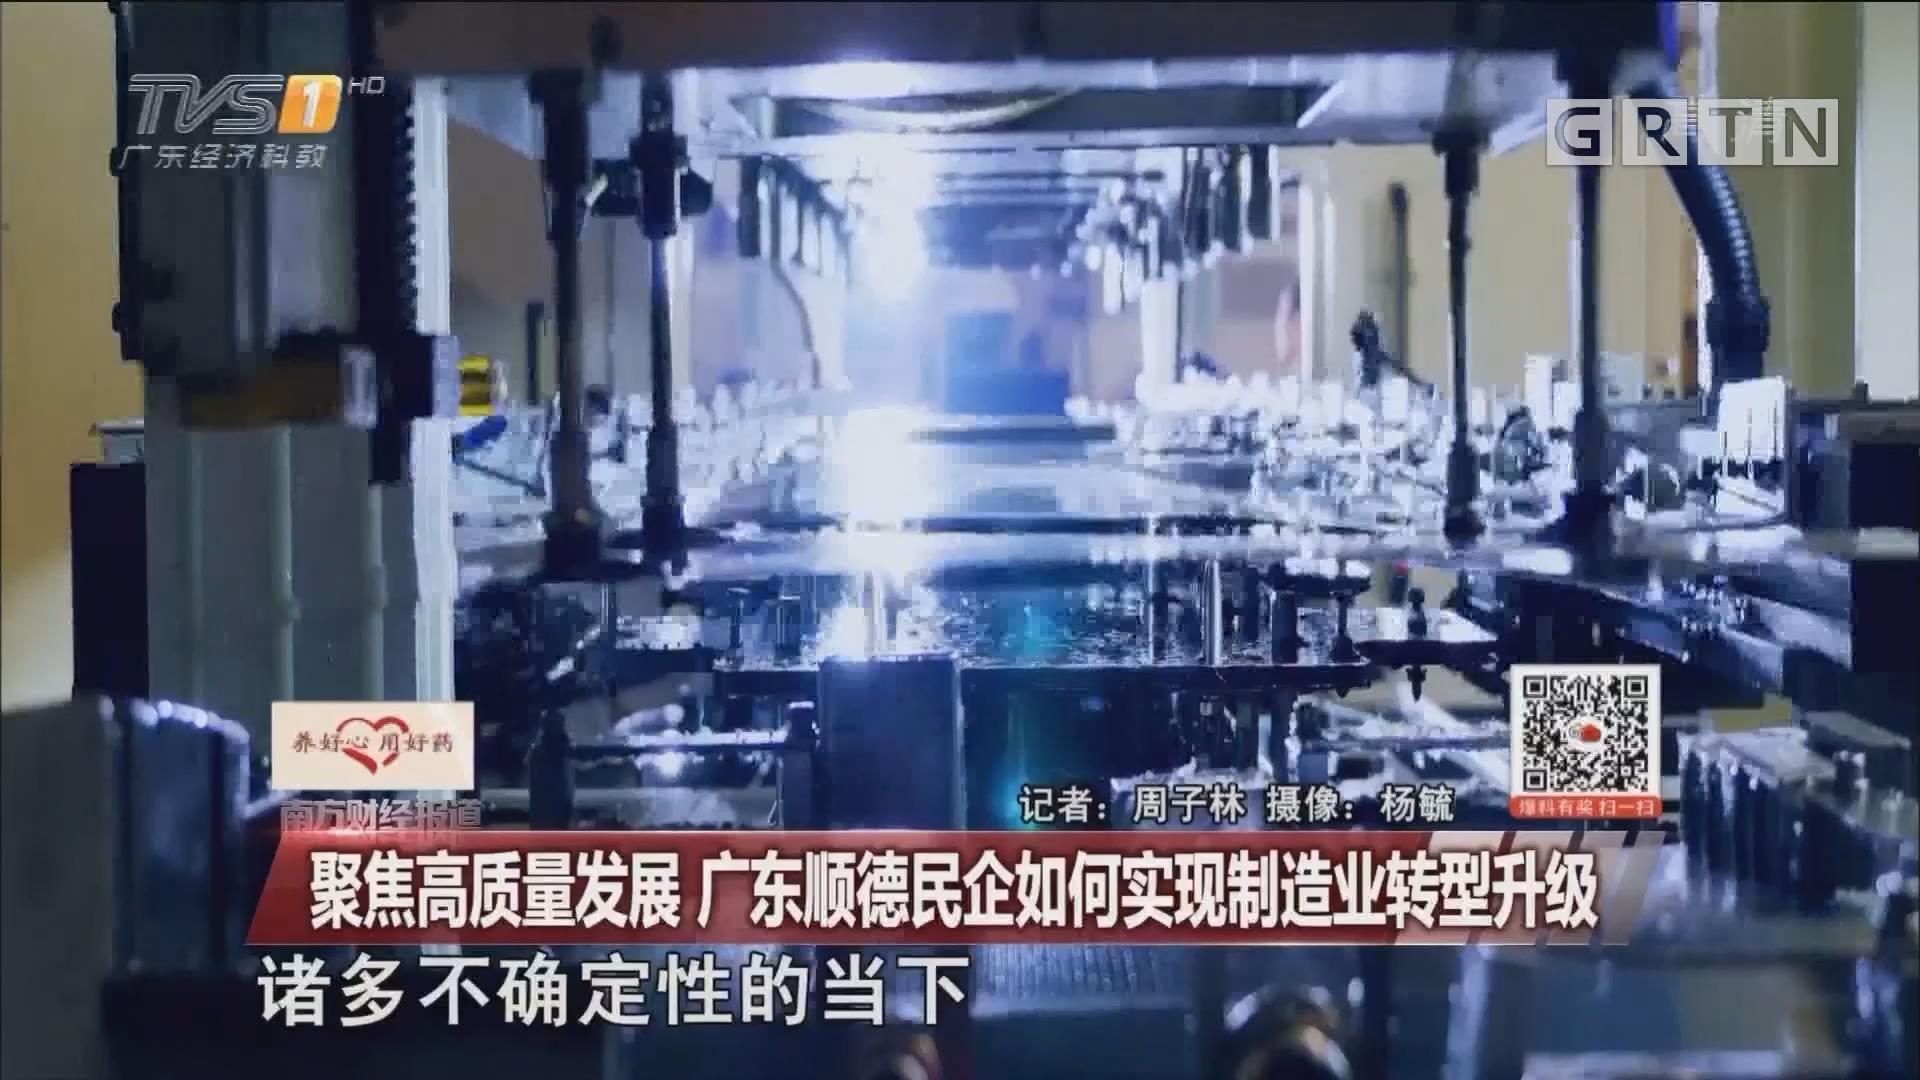 聚焦高质量发展 广东顺德民企如何实现制造业转型升级